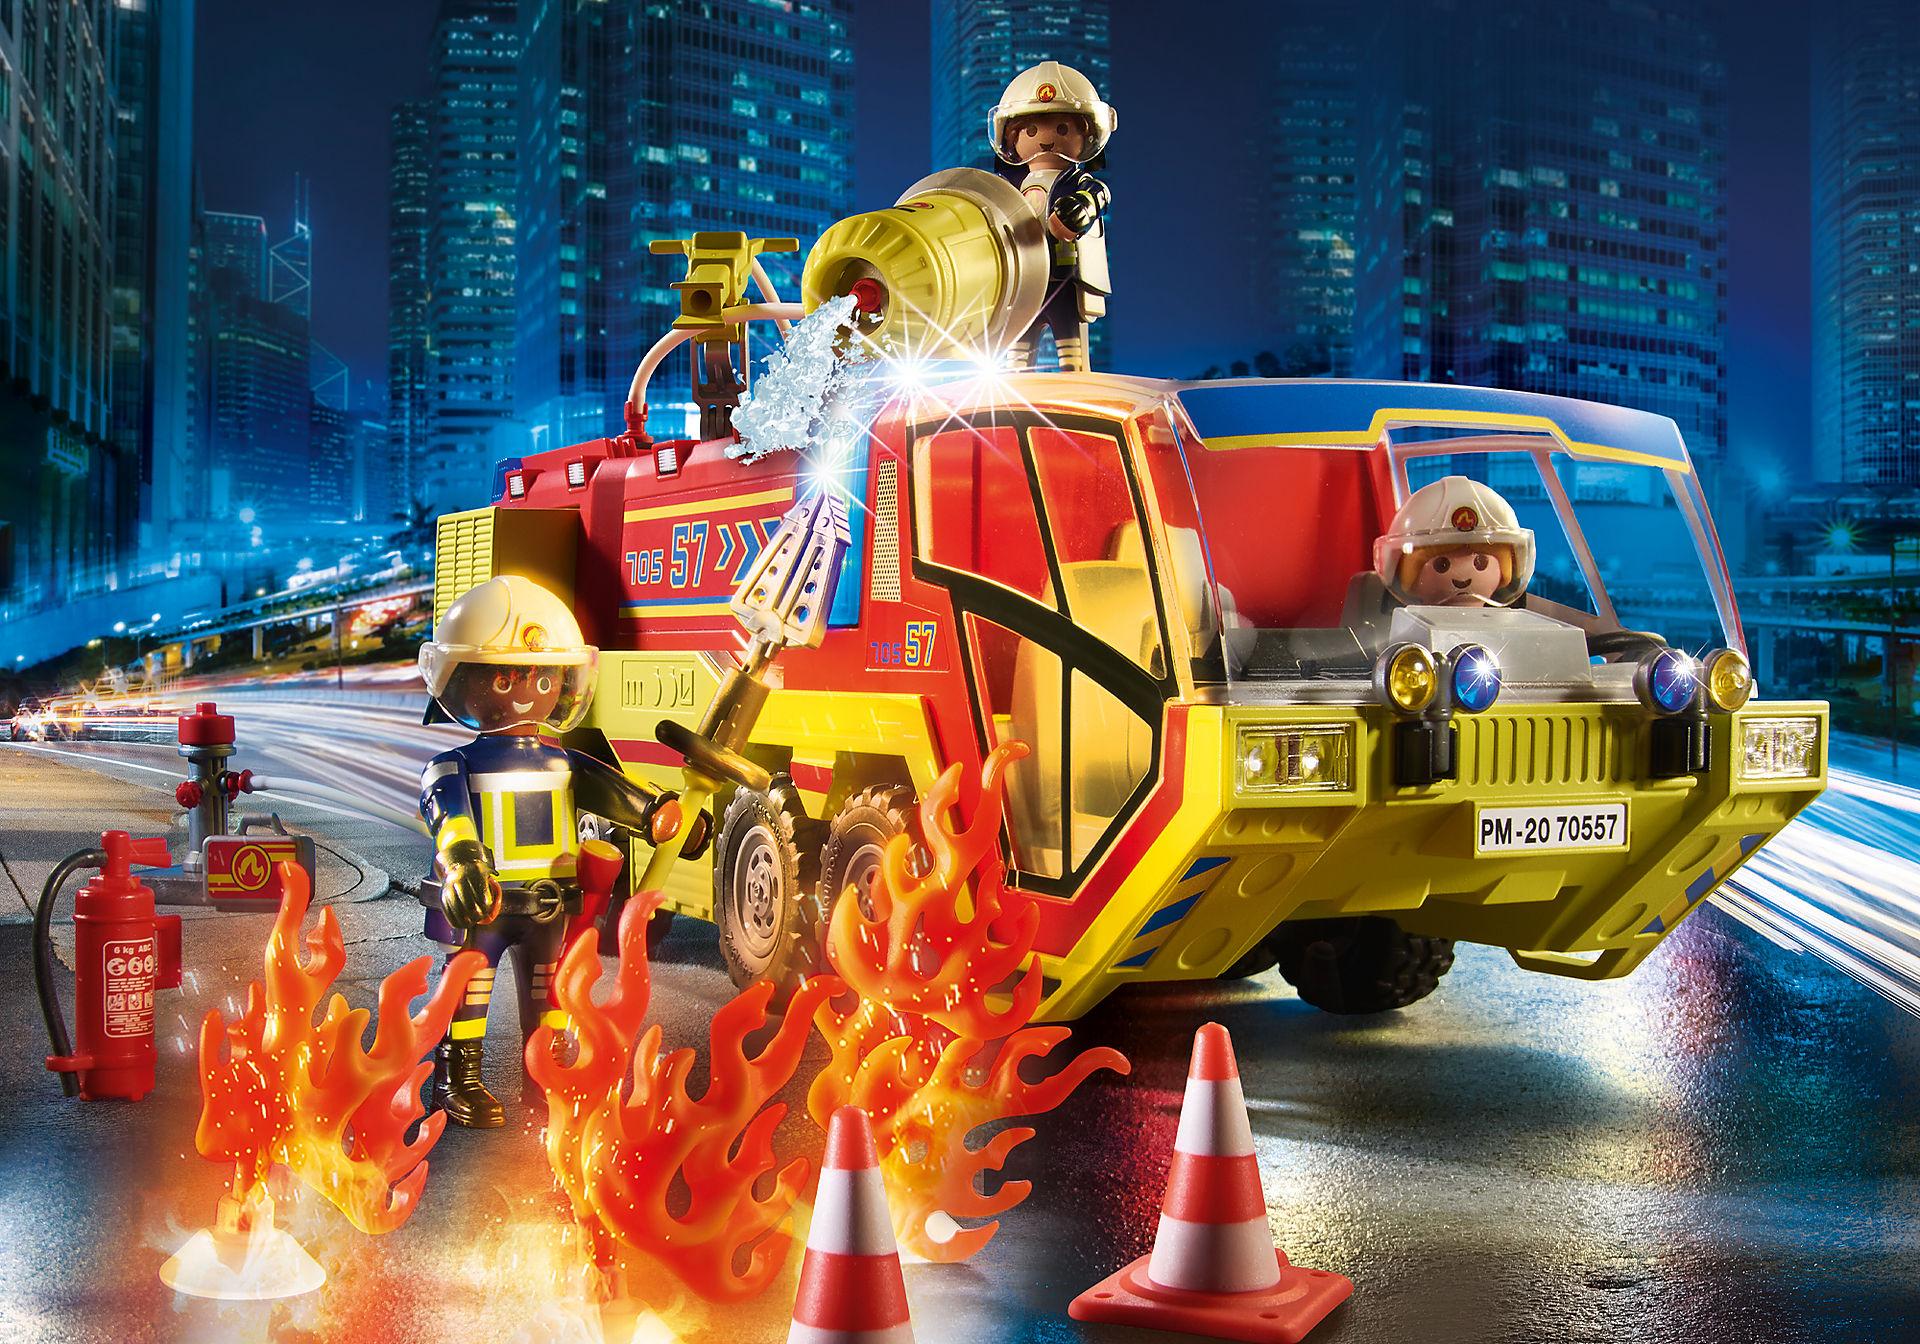 70557 Feuerwehreinsatz mit Löschfahrzeug zoom image5